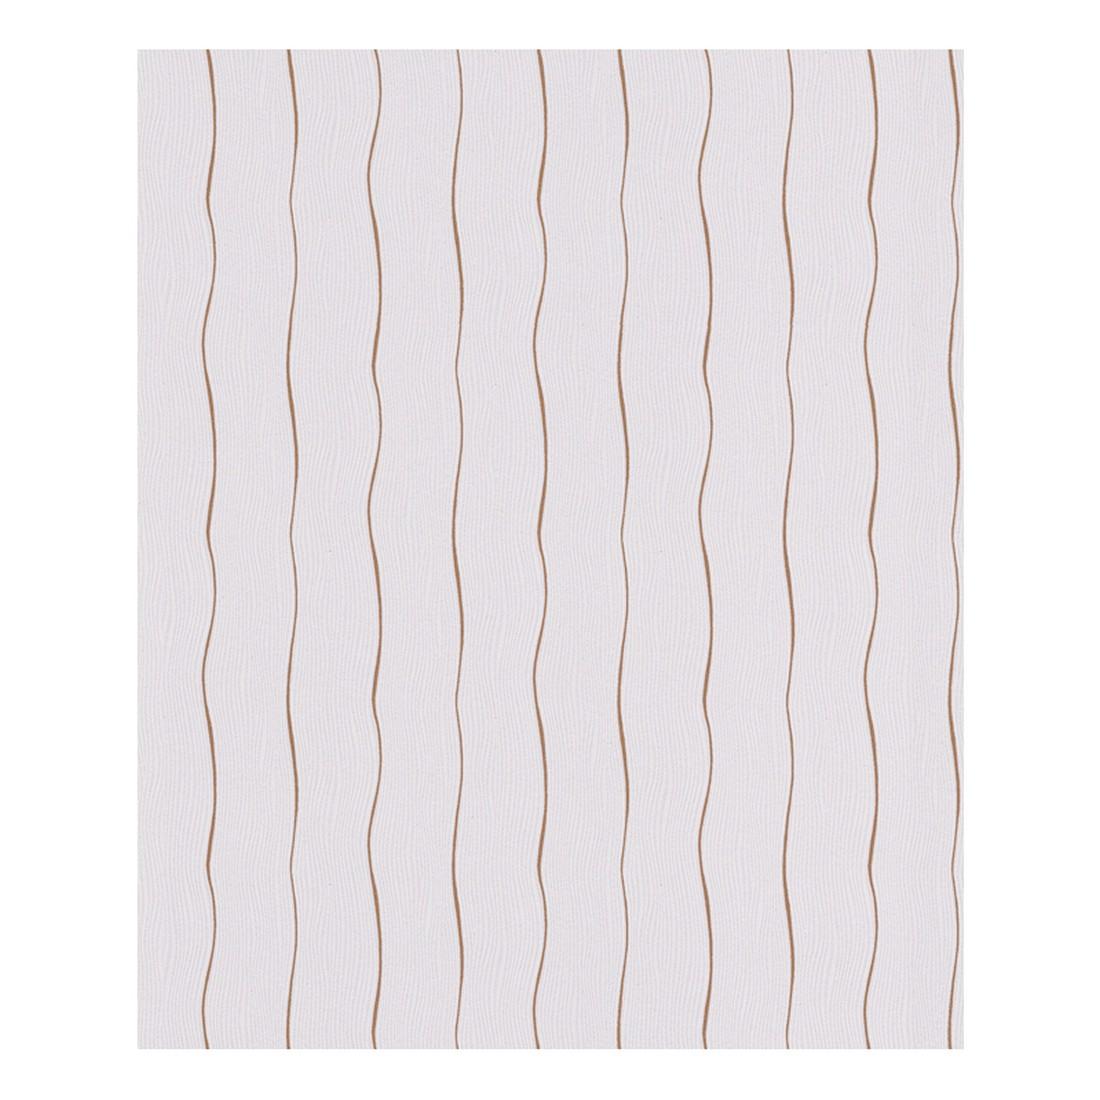 vliestapete private glam grau kupferfarben fein strukturiert sch ner wohnen kollektion. Black Bedroom Furniture Sets. Home Design Ideas